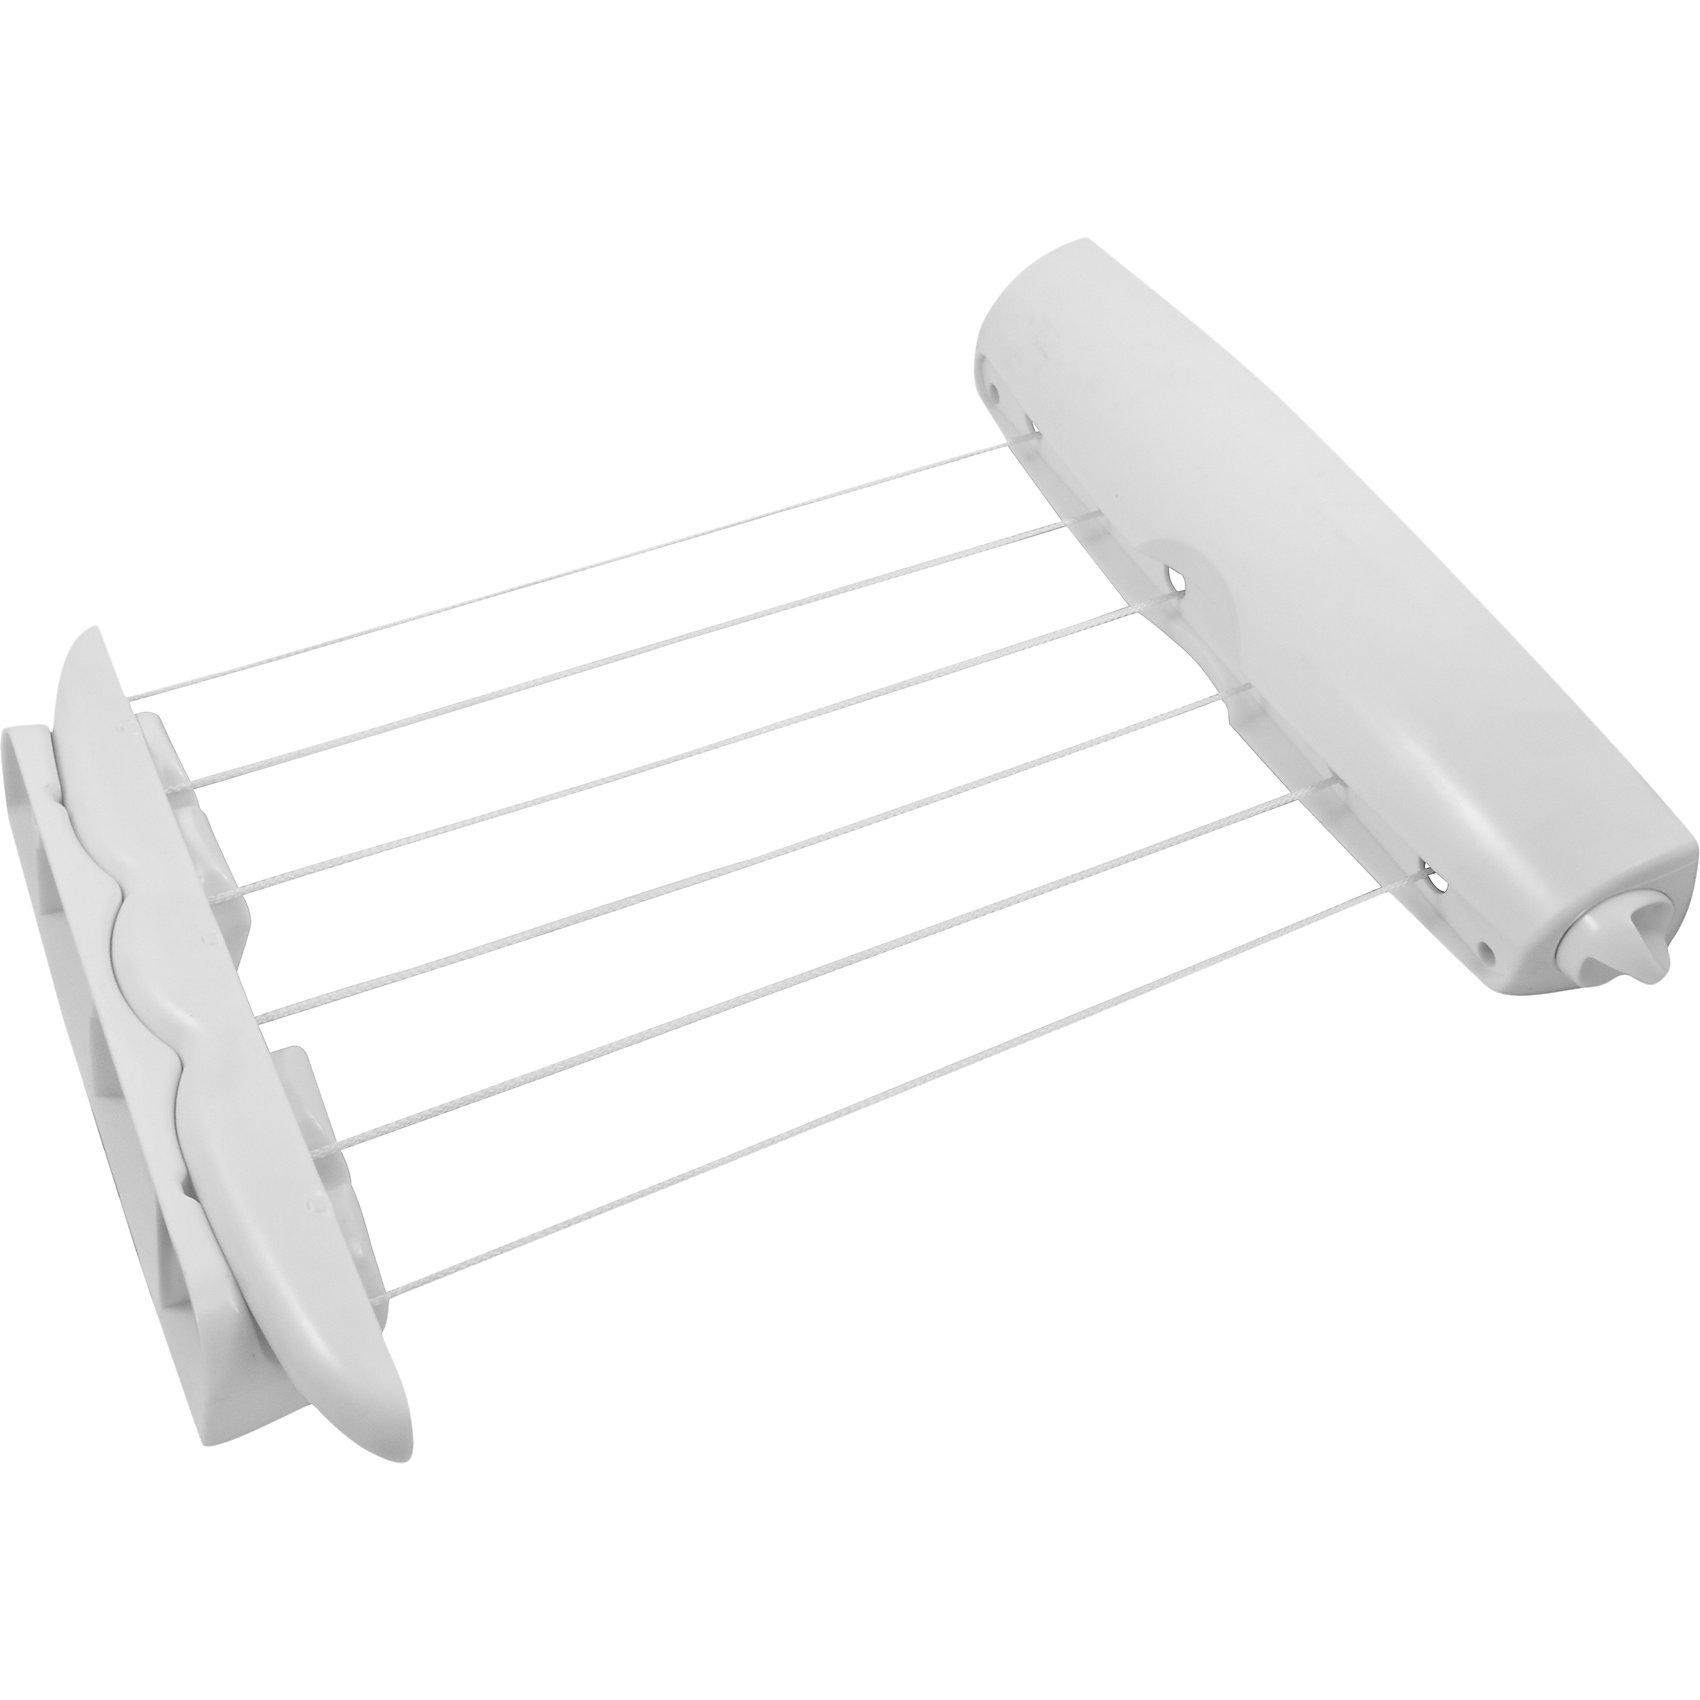 Сушилка для белья CD-2021 (настенная), Рыжий котВанная комната<br>Сушилка для белья CD-2021 (настенная), Рыжий кот<br><br>Характеристики:<br><br>• тип сушилки: настенная<br>• выдвижной элемент<br>• состоит из 6 веревок<br>• длина веревки: 3,5 м<br>• крепежные элементы в комплекте<br>• материал: пластик<br>• размер упаковки: 10х11х41 см<br>• вес: 839 грамм<br><br>Настенная сушилка CD-2021 подойдет для использования на балконе, в ванной или в коридоре. С настенной сушилкой вы сможете значительно сэкономить место в доме. Сушилка состоит из шести нитей длиной 3,5 метра. Выдвижной элемент позволяет регулировать размер сушилки в случае необходимости. Крепежные элементы для сушилки входят в комплект.<br><br>Сушилку для белья CD-2021 (настенная), Рыжий кот вы можете купить в нашем интернет-магазине.<br><br>Ширина мм: 410<br>Глубина мм: 110<br>Высота мм: 100<br>Вес г: 839<br>Возраст от месяцев: 216<br>Возраст до месяцев: 1188<br>Пол: Унисекс<br>Возраст: Детский<br>SKU: 5622870